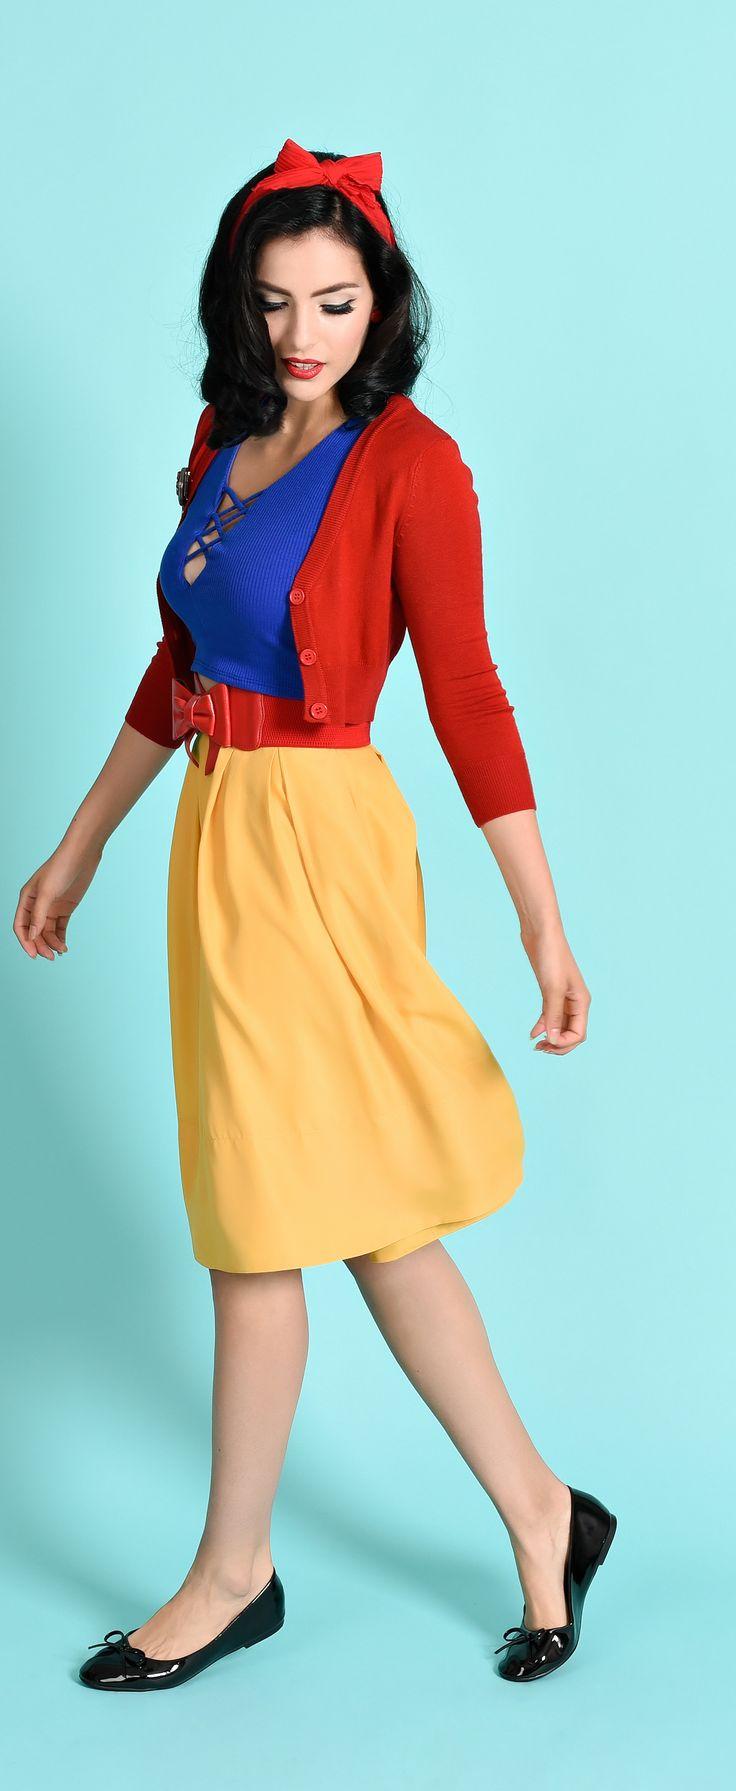 Modern Day Snow White Disneybounding Idea